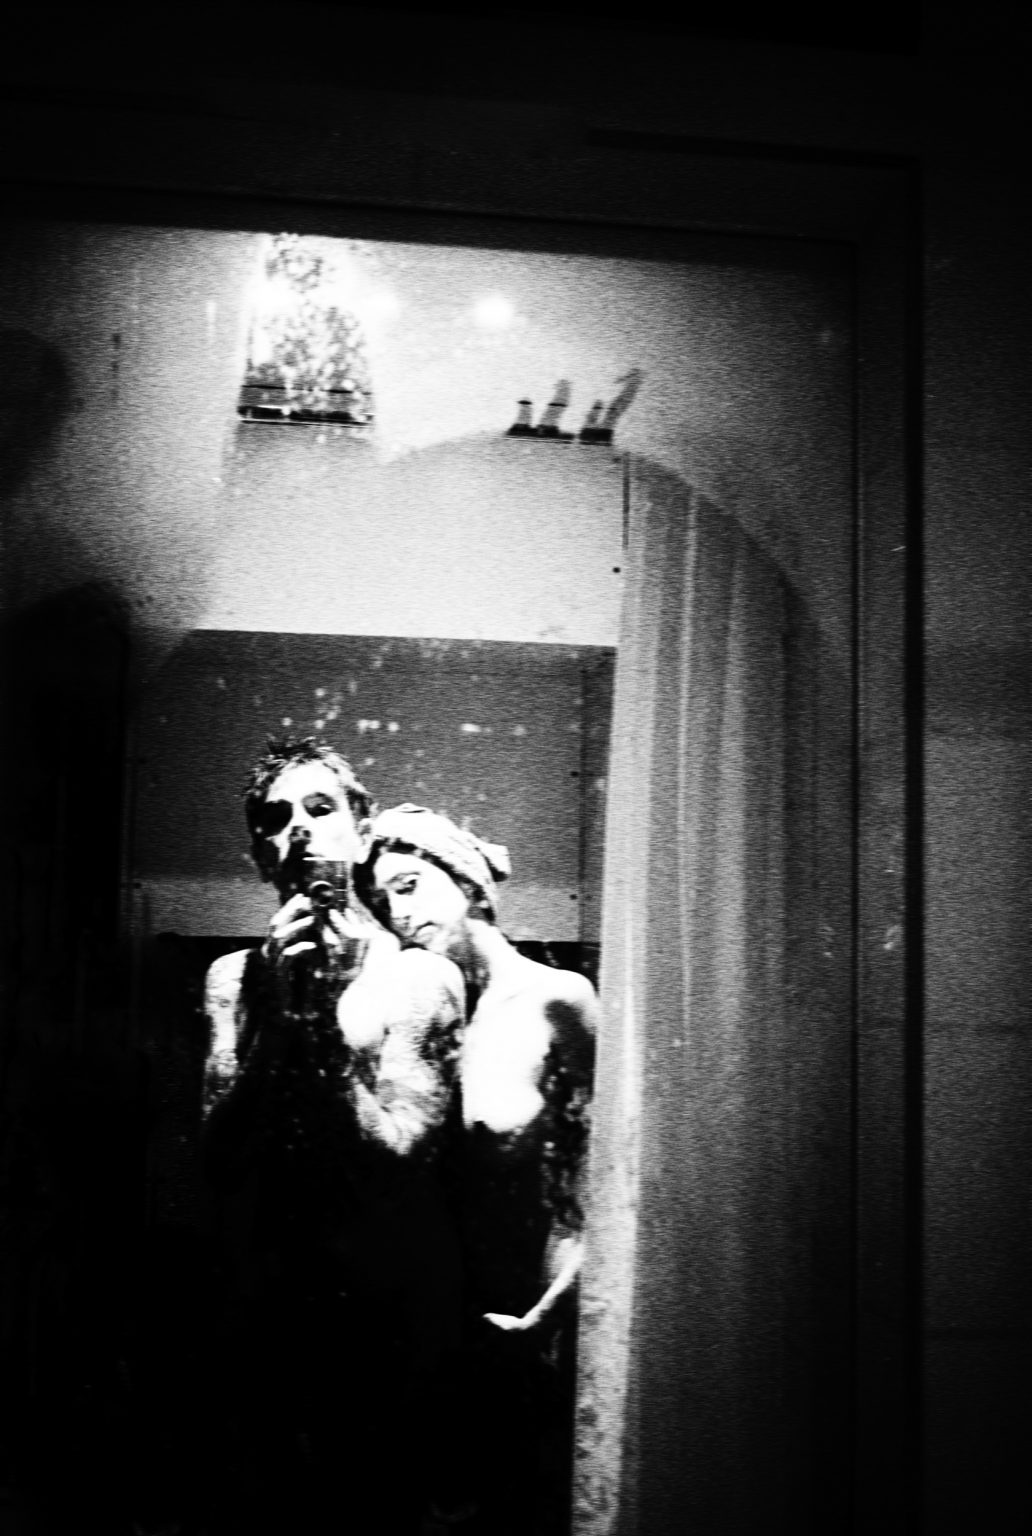 """Rome, April 2010- """"Rome Diary"""" ( Rome 2007-2020)  is a long-term research that documents the city of Rome through stories of places and people. An investigation into different worlds, in a society where relationships, loneliness, abuse, love, nightlife, music and artists are explored, and finally the relationship between people and cities.A gportrait of a lovers, Rome.  >< Rome,April 2010 -Rome Diary Rome (2007-2020) è una ricerca a lungo termine che documenta la città di Roma attraverso storie di luoghi e  di persone. Un'indagine in mondi diversi, in una società in cui si esplorano le relazioni, la solitudine, gli abusi, l'amore, la vita notturna , la musica e gli artisti, ed infine il rapporto tra persone e città. Un Ritratto di giovani amanti, Roma."""